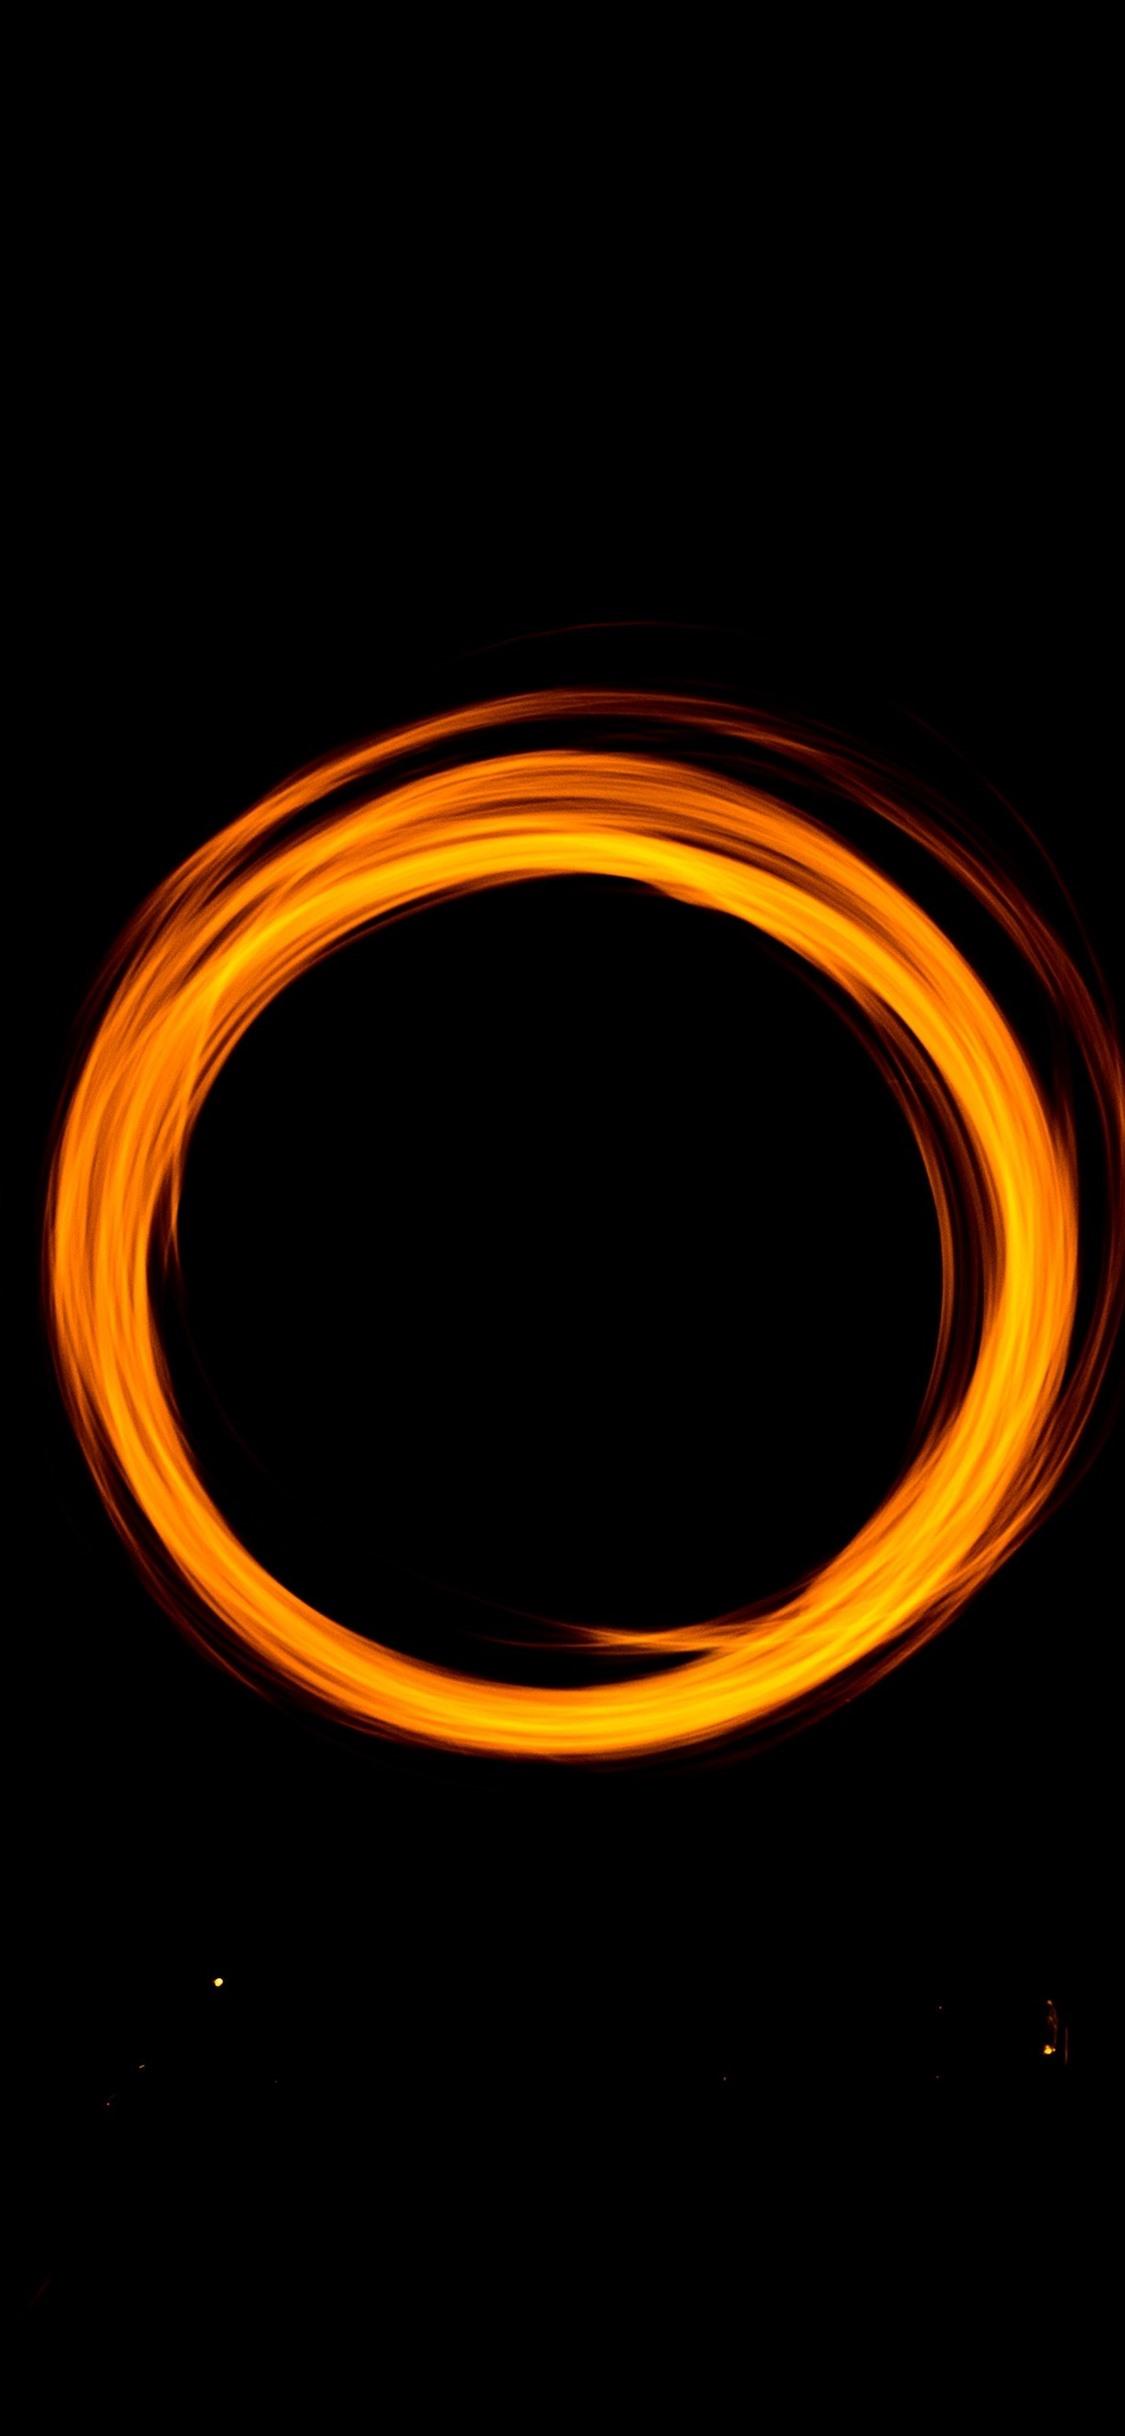 オレンジ色のライトサークル 黒色の背景 1125x2436 Iphone 11 Pro Xs X 壁紙 背景 画像